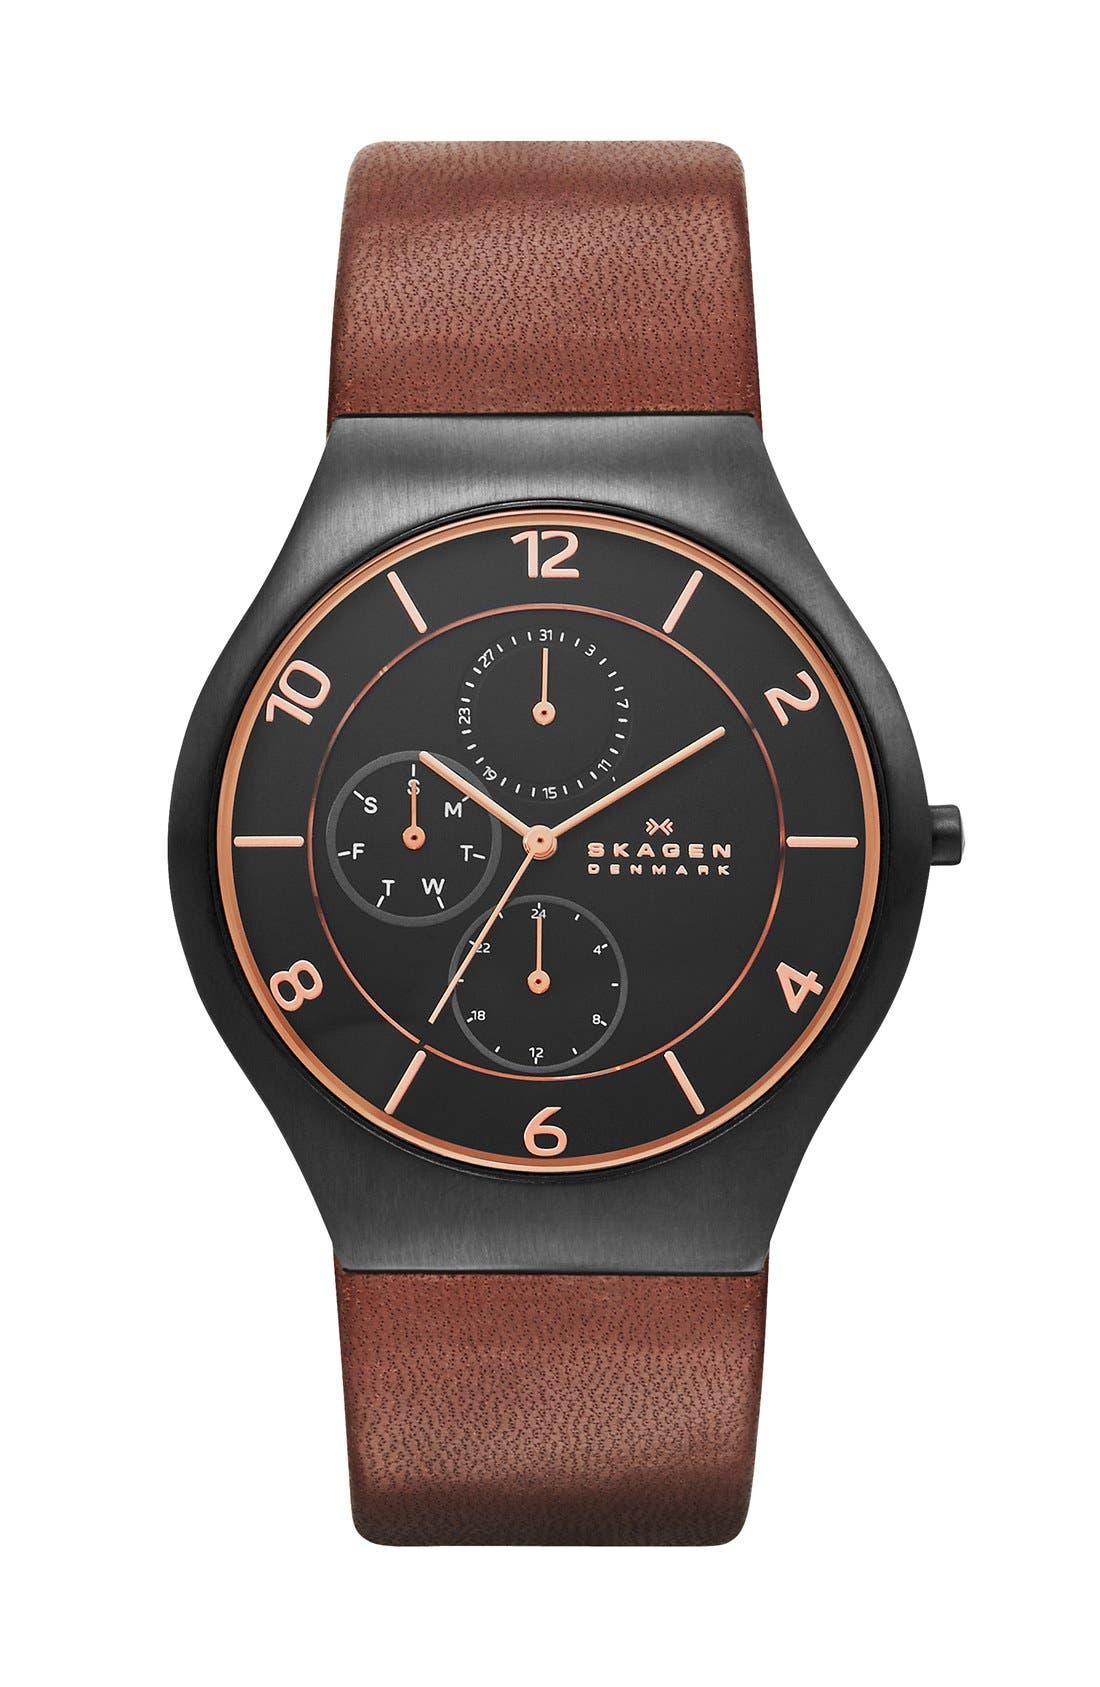 Main Image - Skagen 'Grenen' Round Multifunction Leather Strap Watch, 41 mm